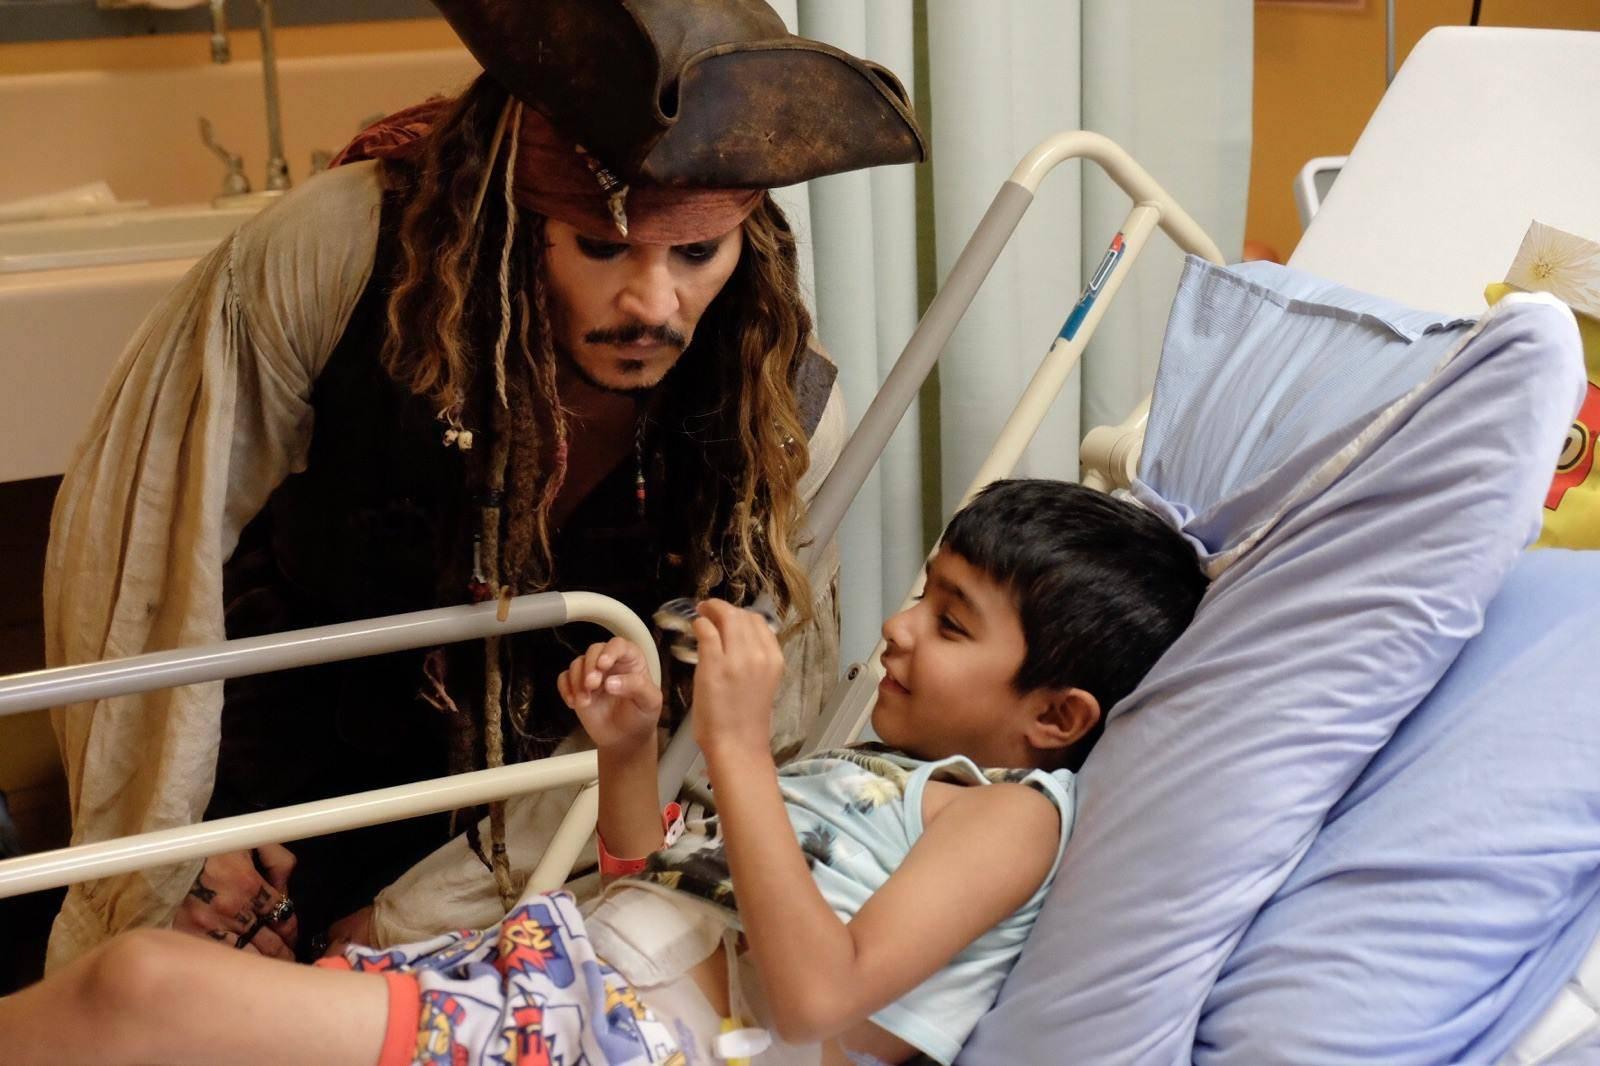 Johnny Depp visits Children's Hospital